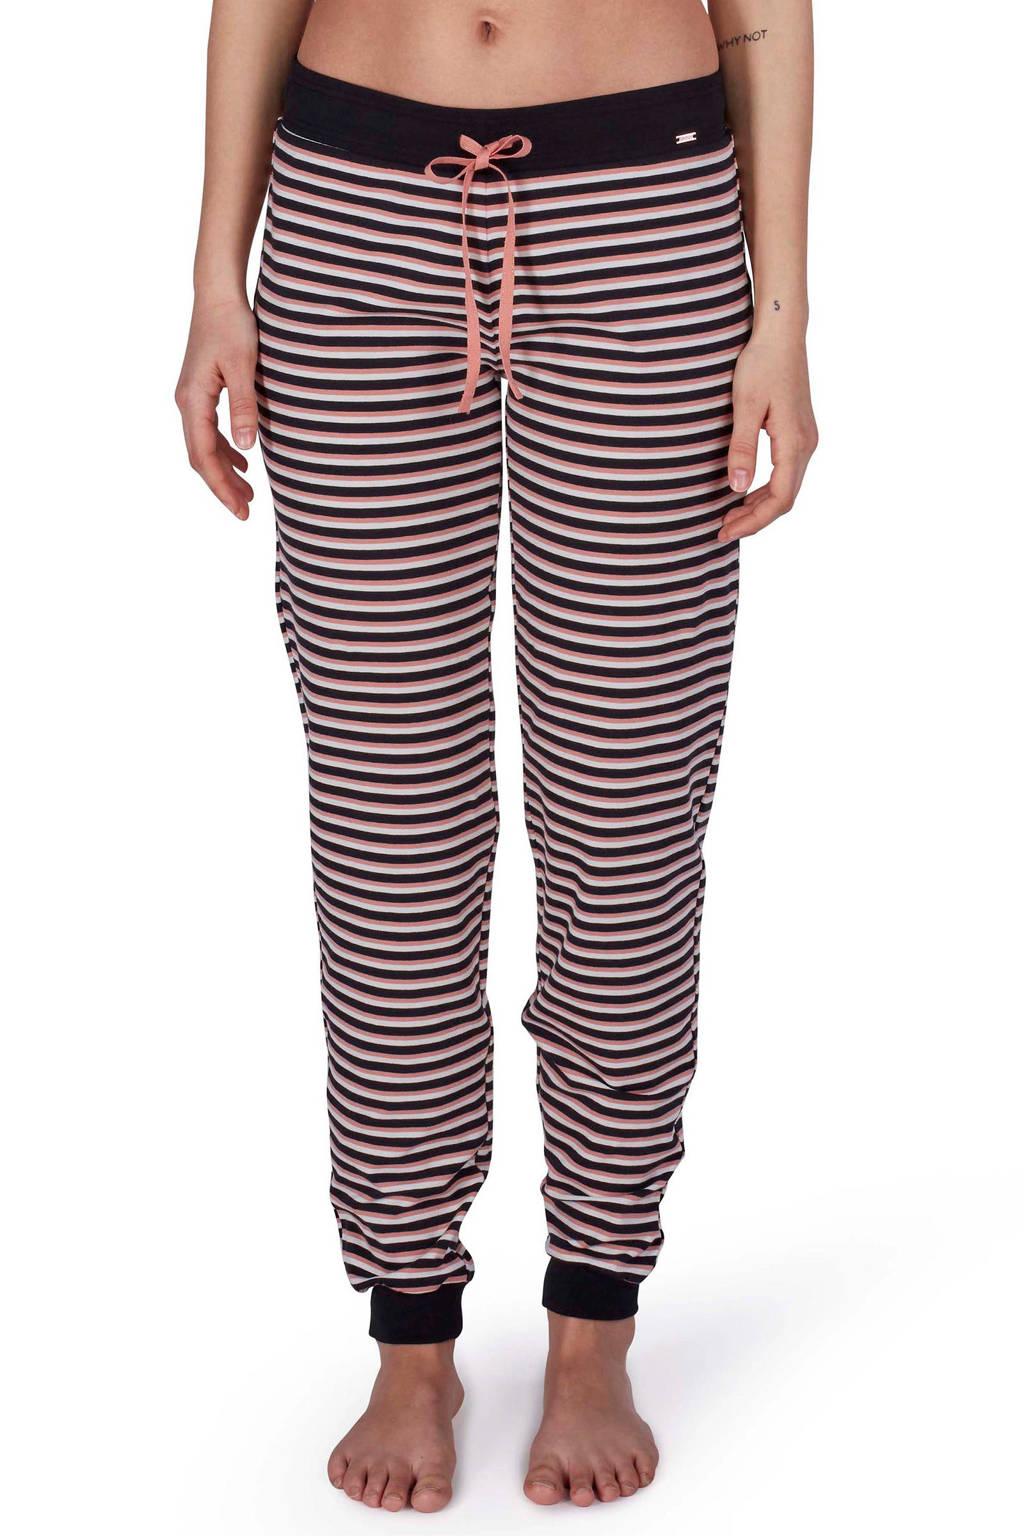 SKINY gestreepte pyjamabroek zwart/roze, Zwart/roze/wit